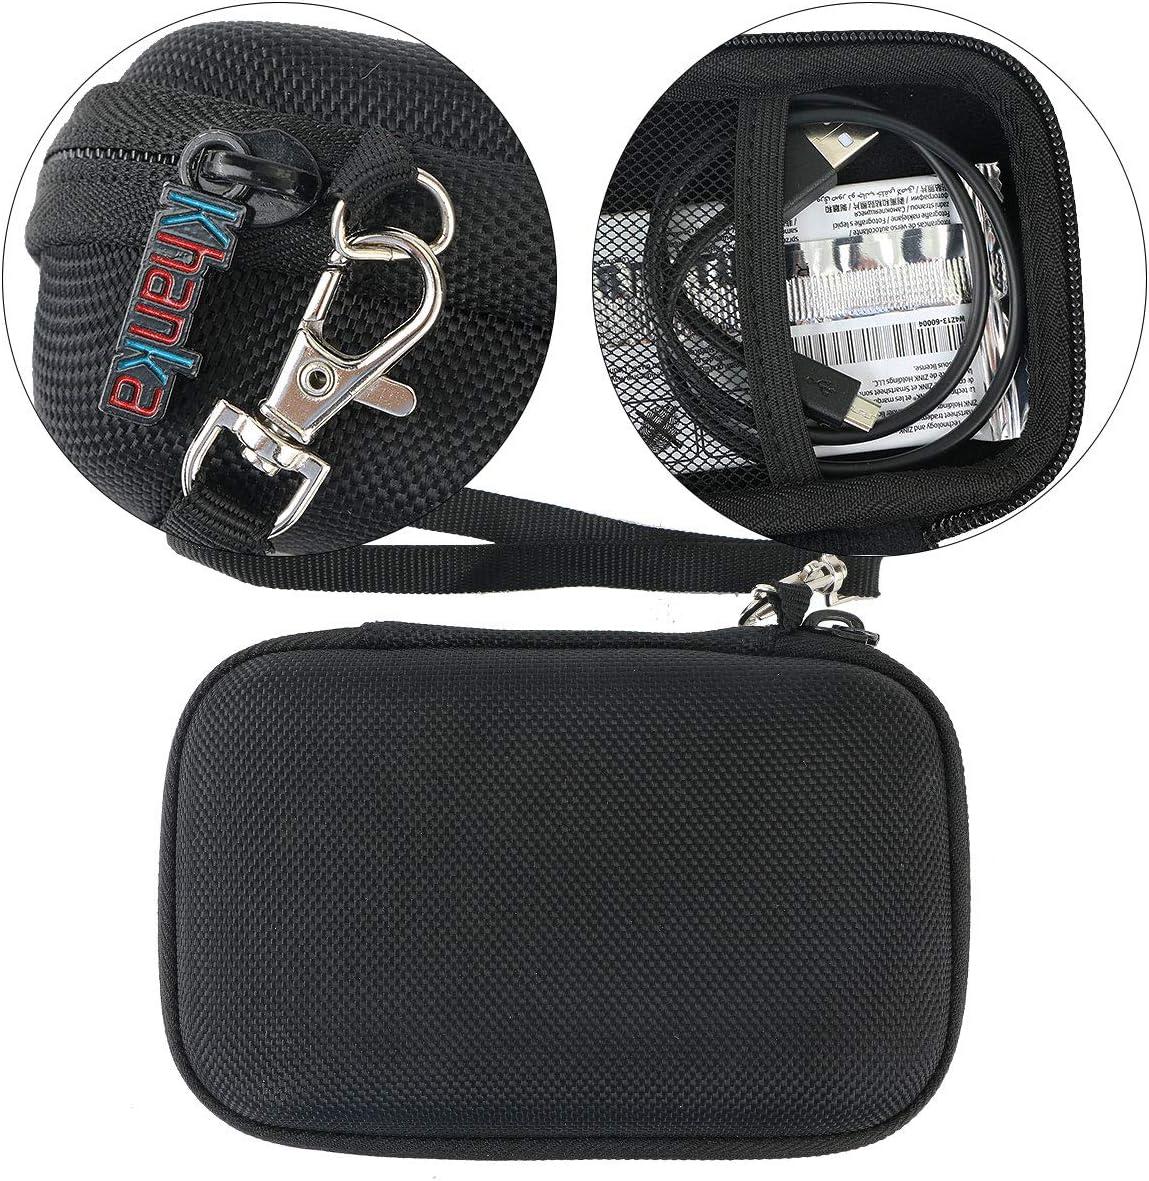 Khanka EVA Difficile Caso Viaggiare trasportare sacchetto per HP Sprocket New Edition Noir Stampante Istantanea Fotografica Portatile